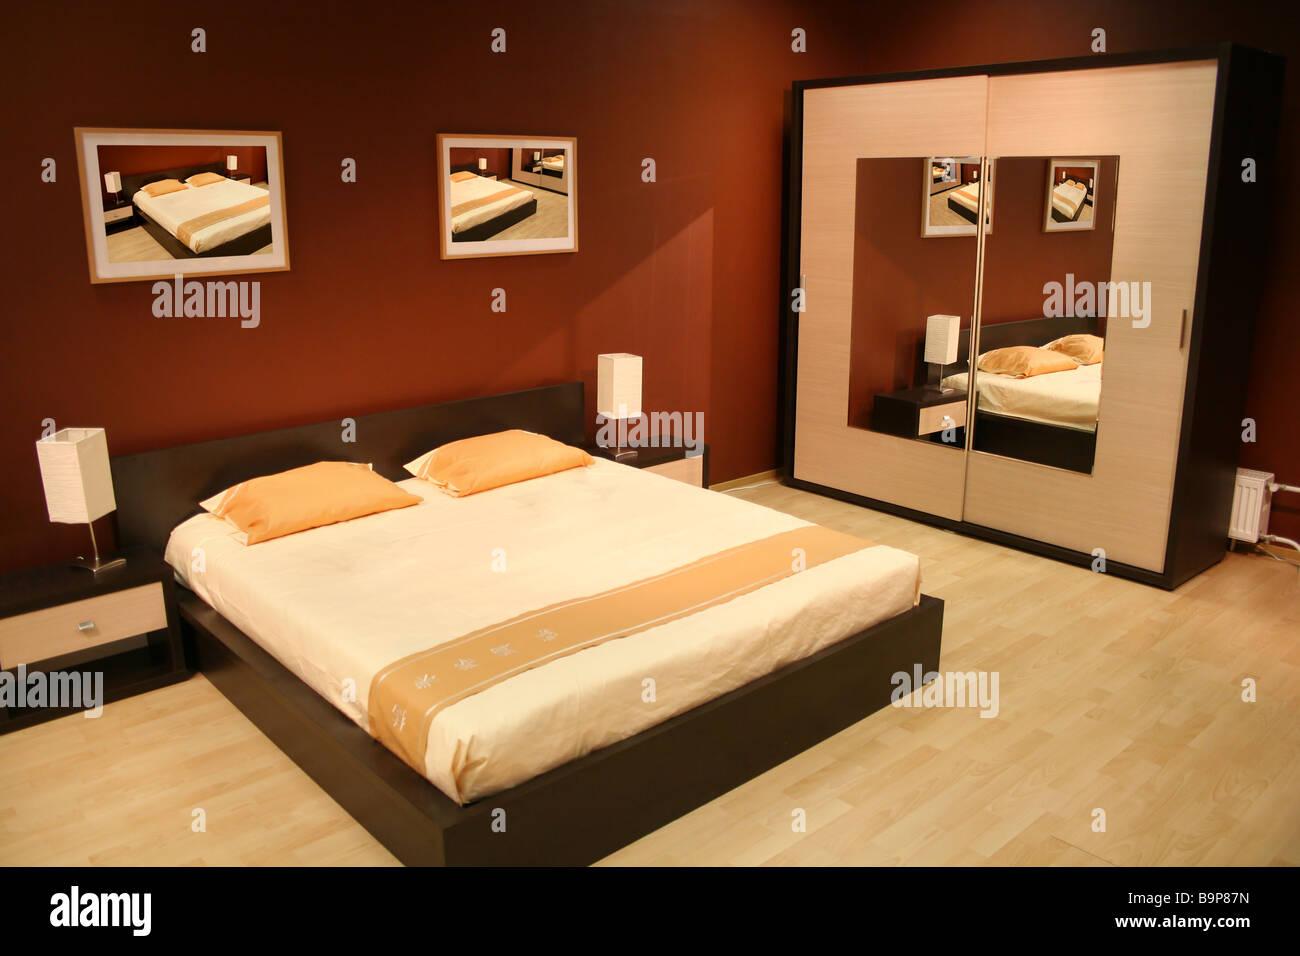 Camera Da Letto Pittura Marrone : Camera da letto marrone foto immagine stock  alamy